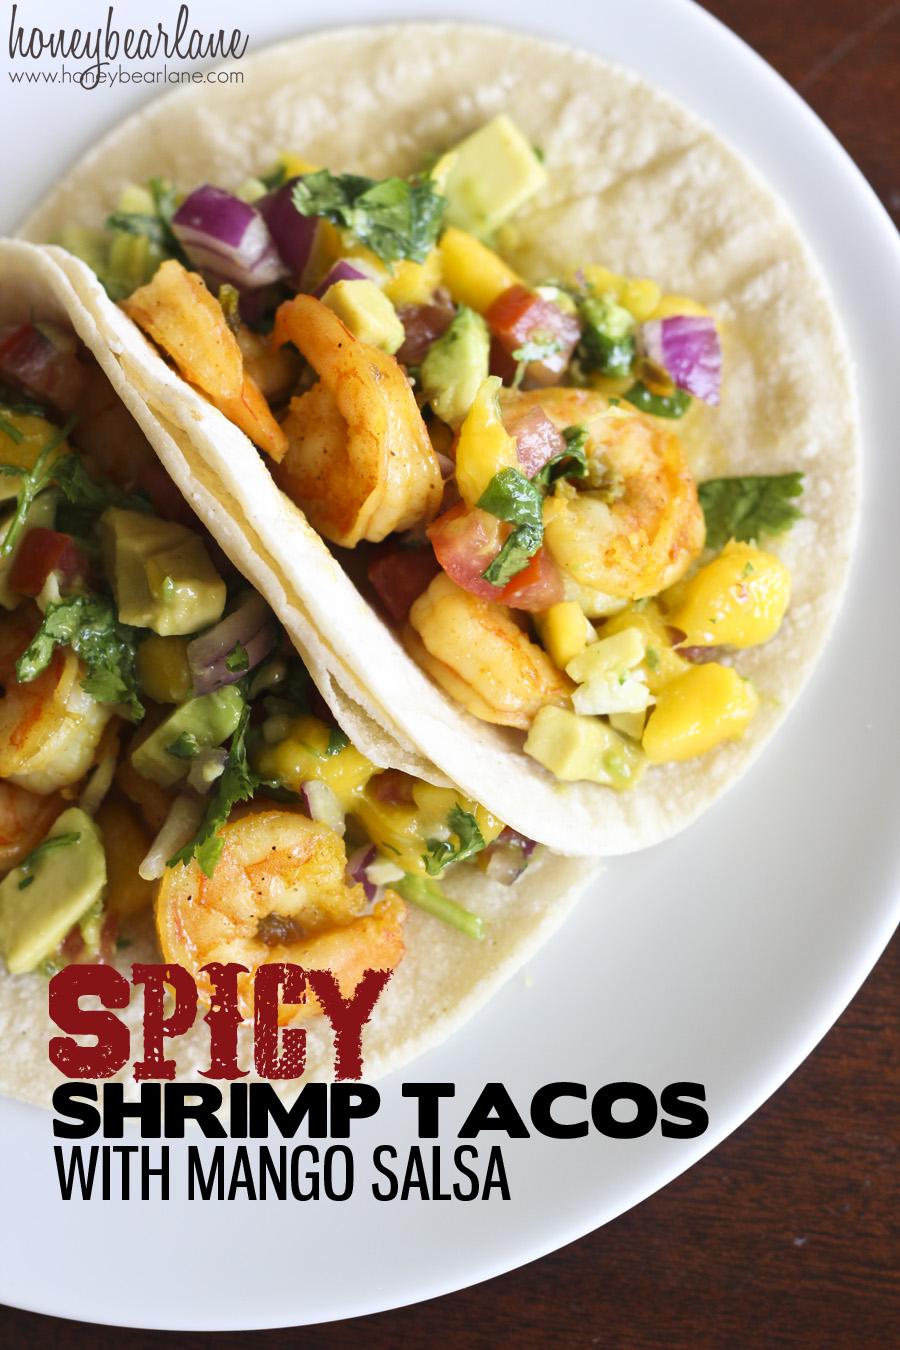 Spicey Shrimp Tacos with Mango Salsa